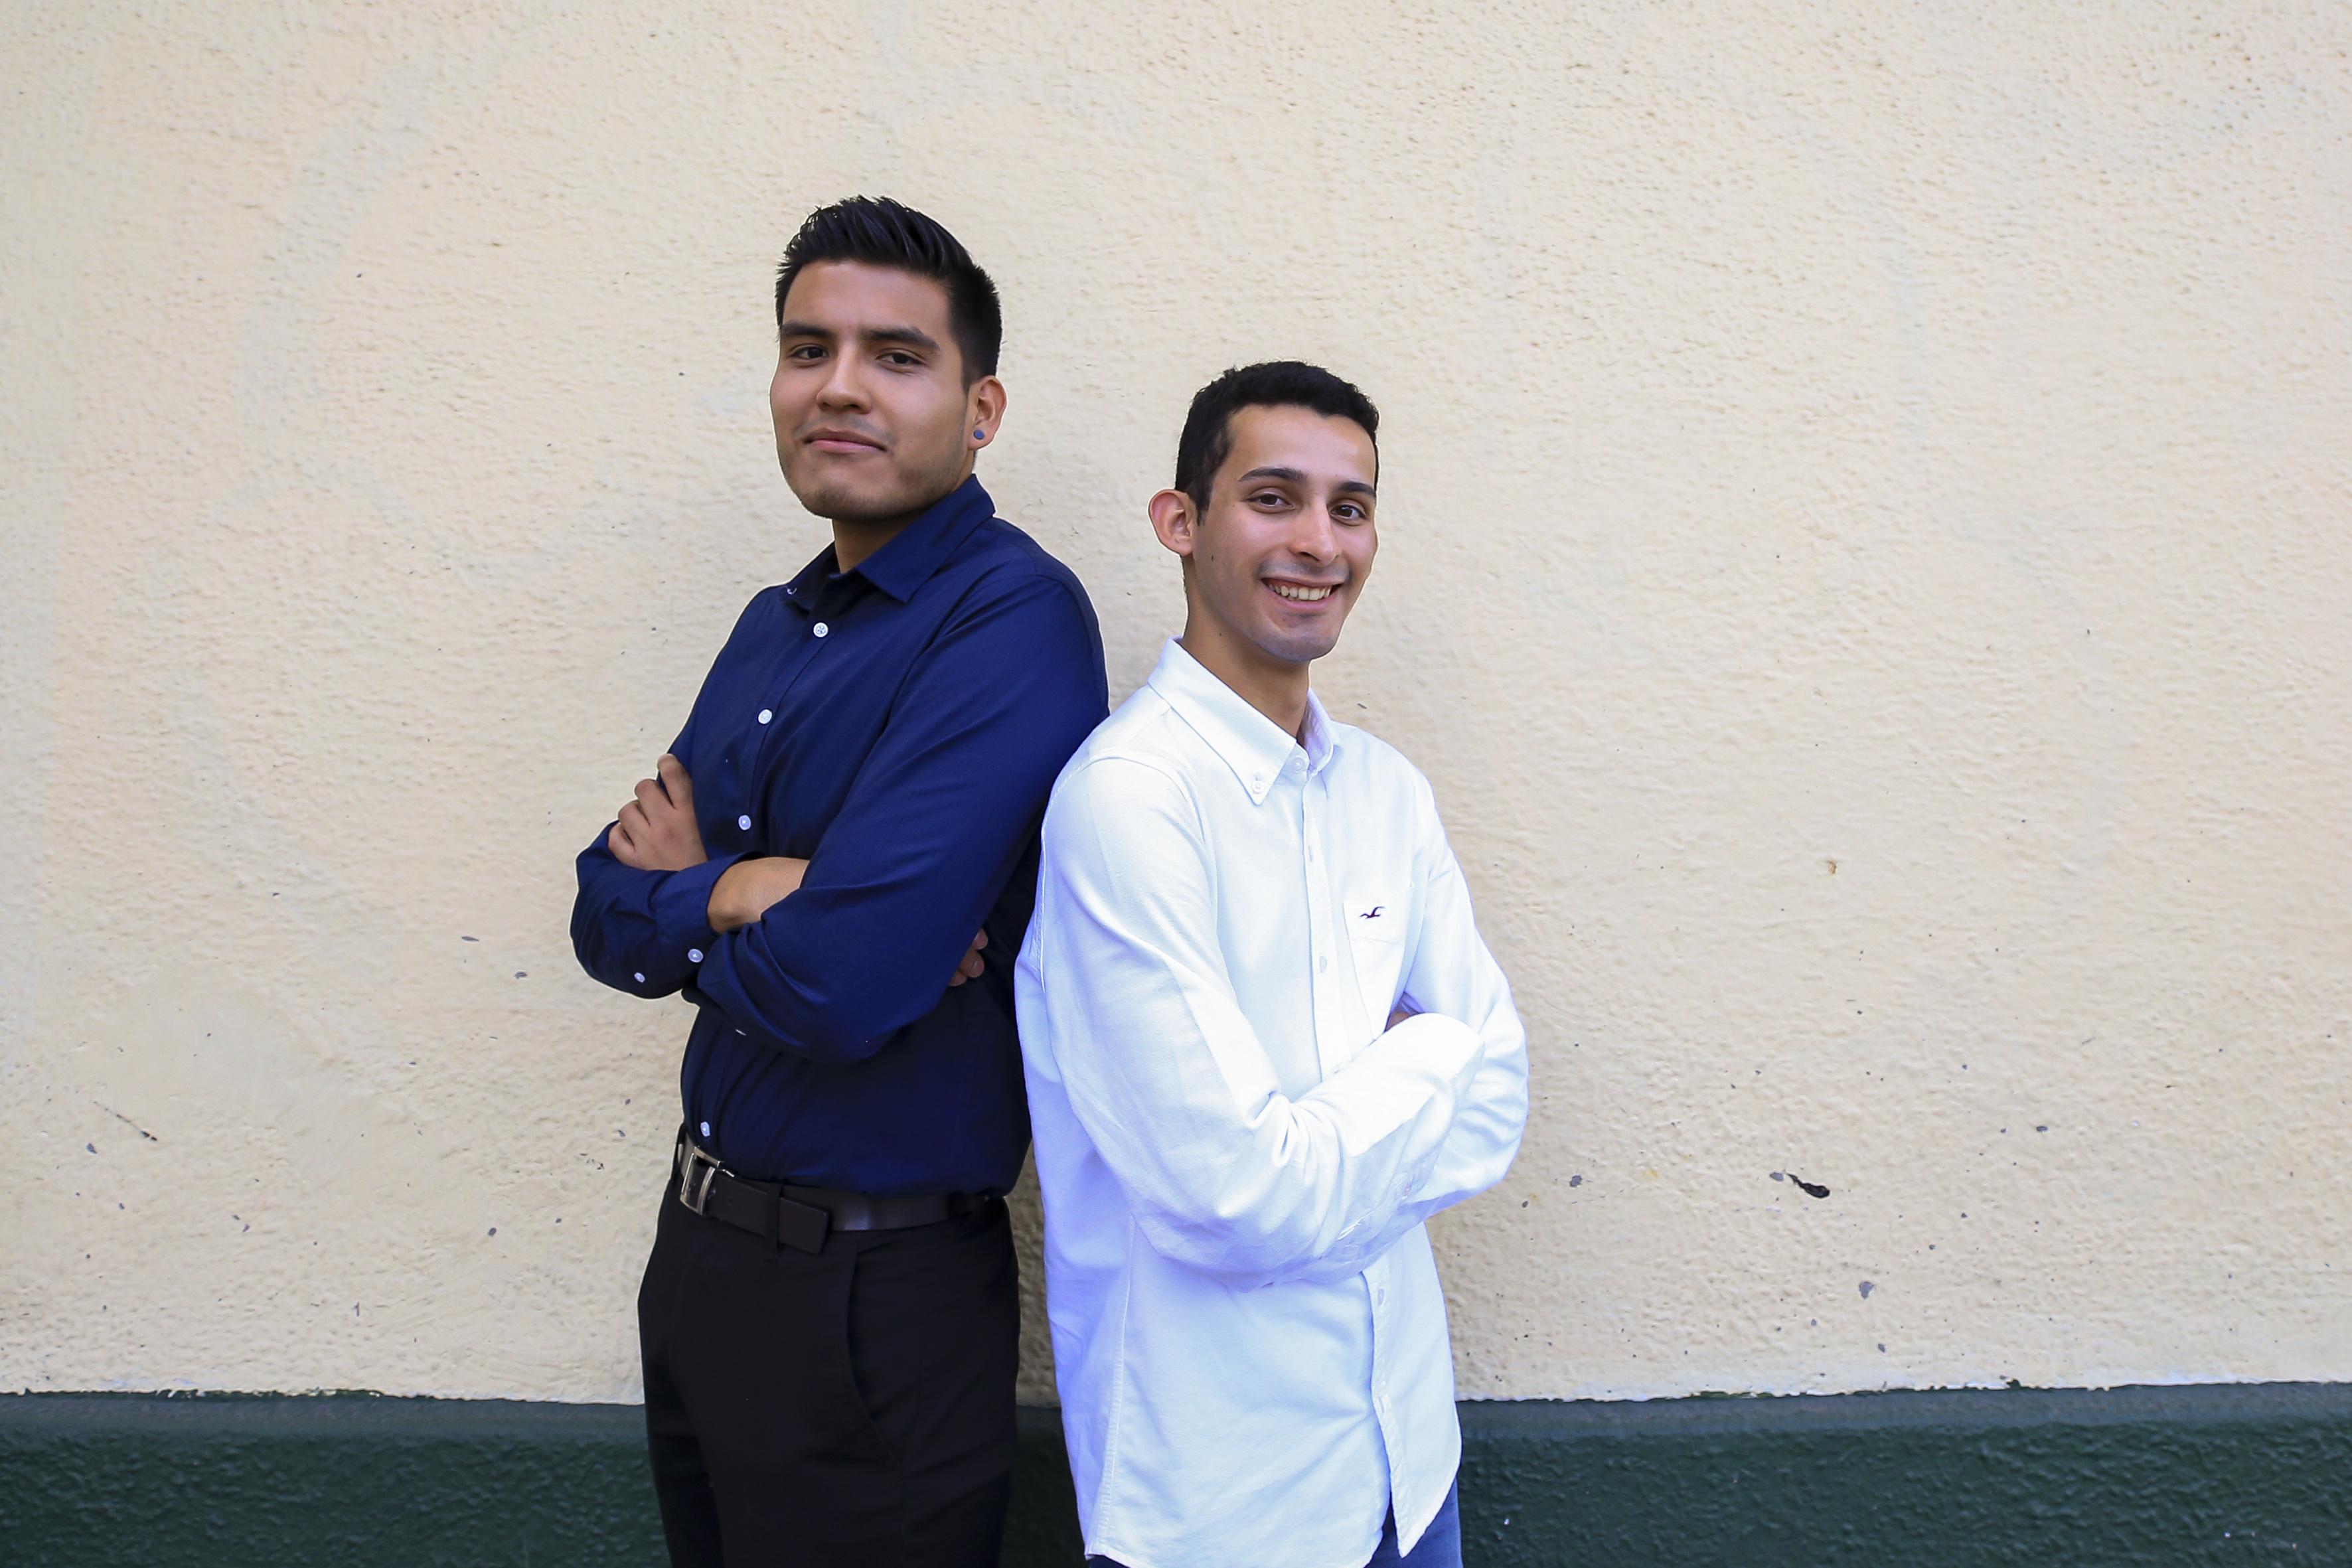 Noé Rosas y Demetrio Rodríguez estudiantes galardonados del CUCS